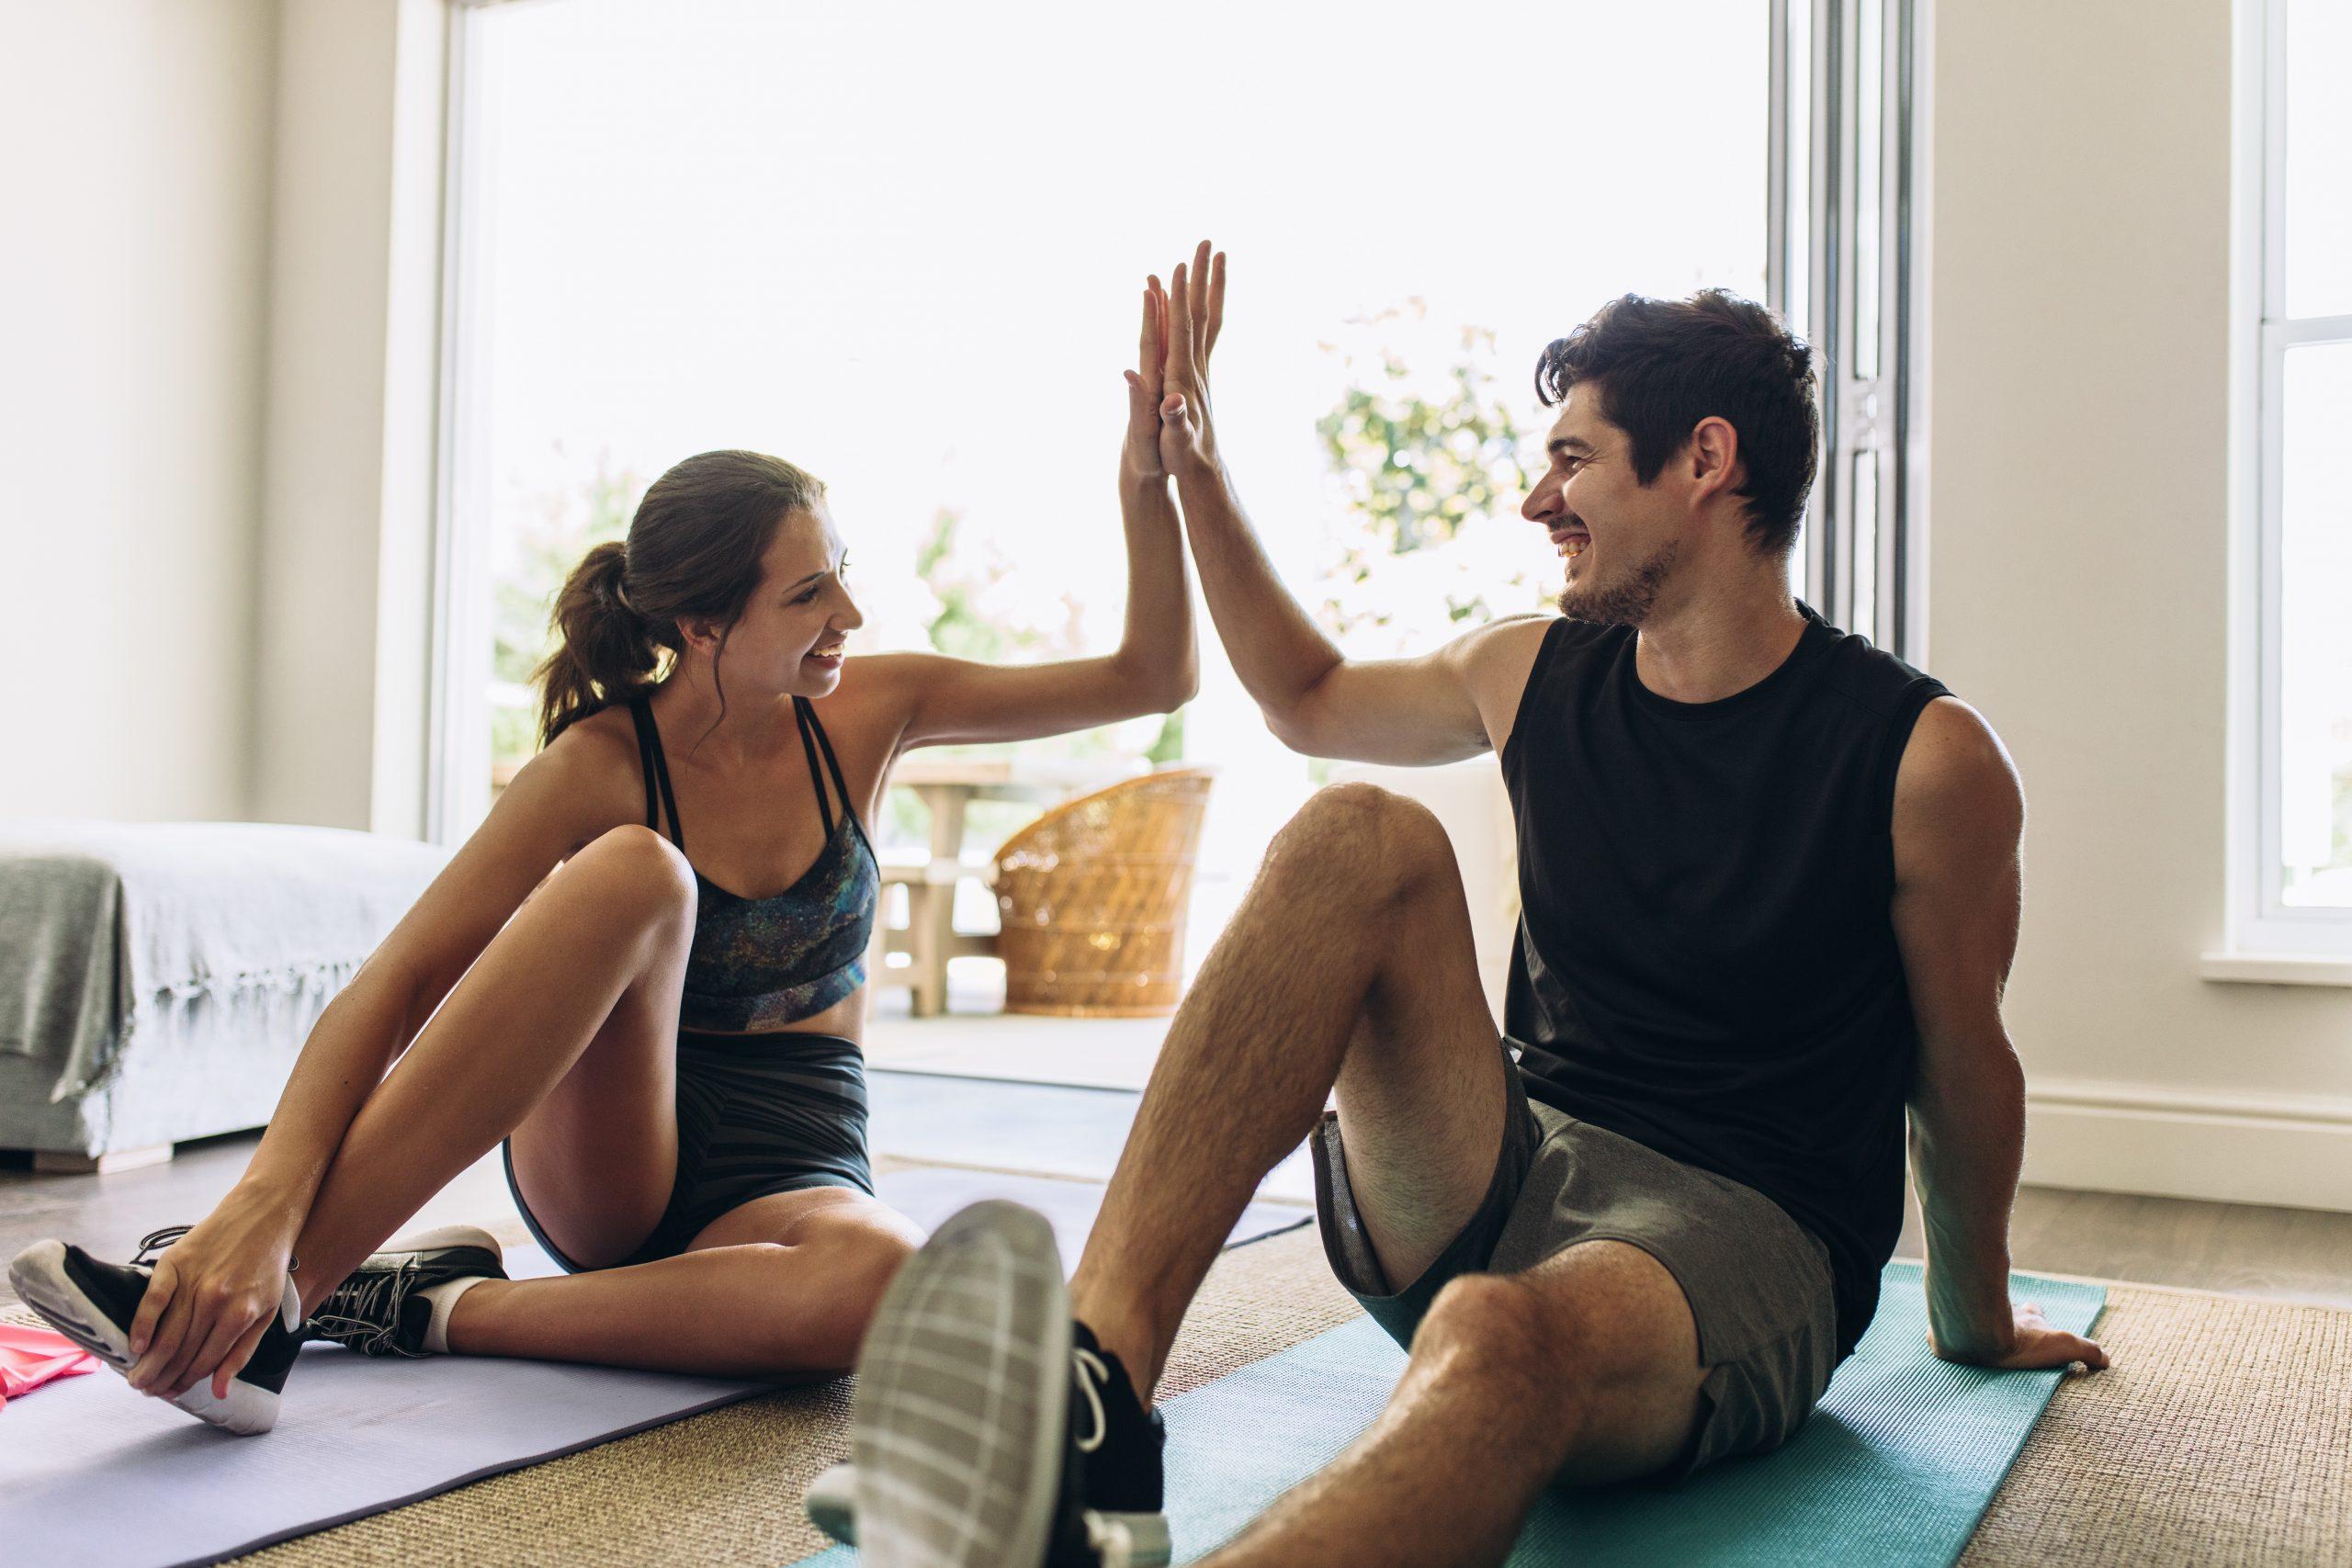 mladý muž a mladá žena si dávajú high-five po cvičení na karimatkách